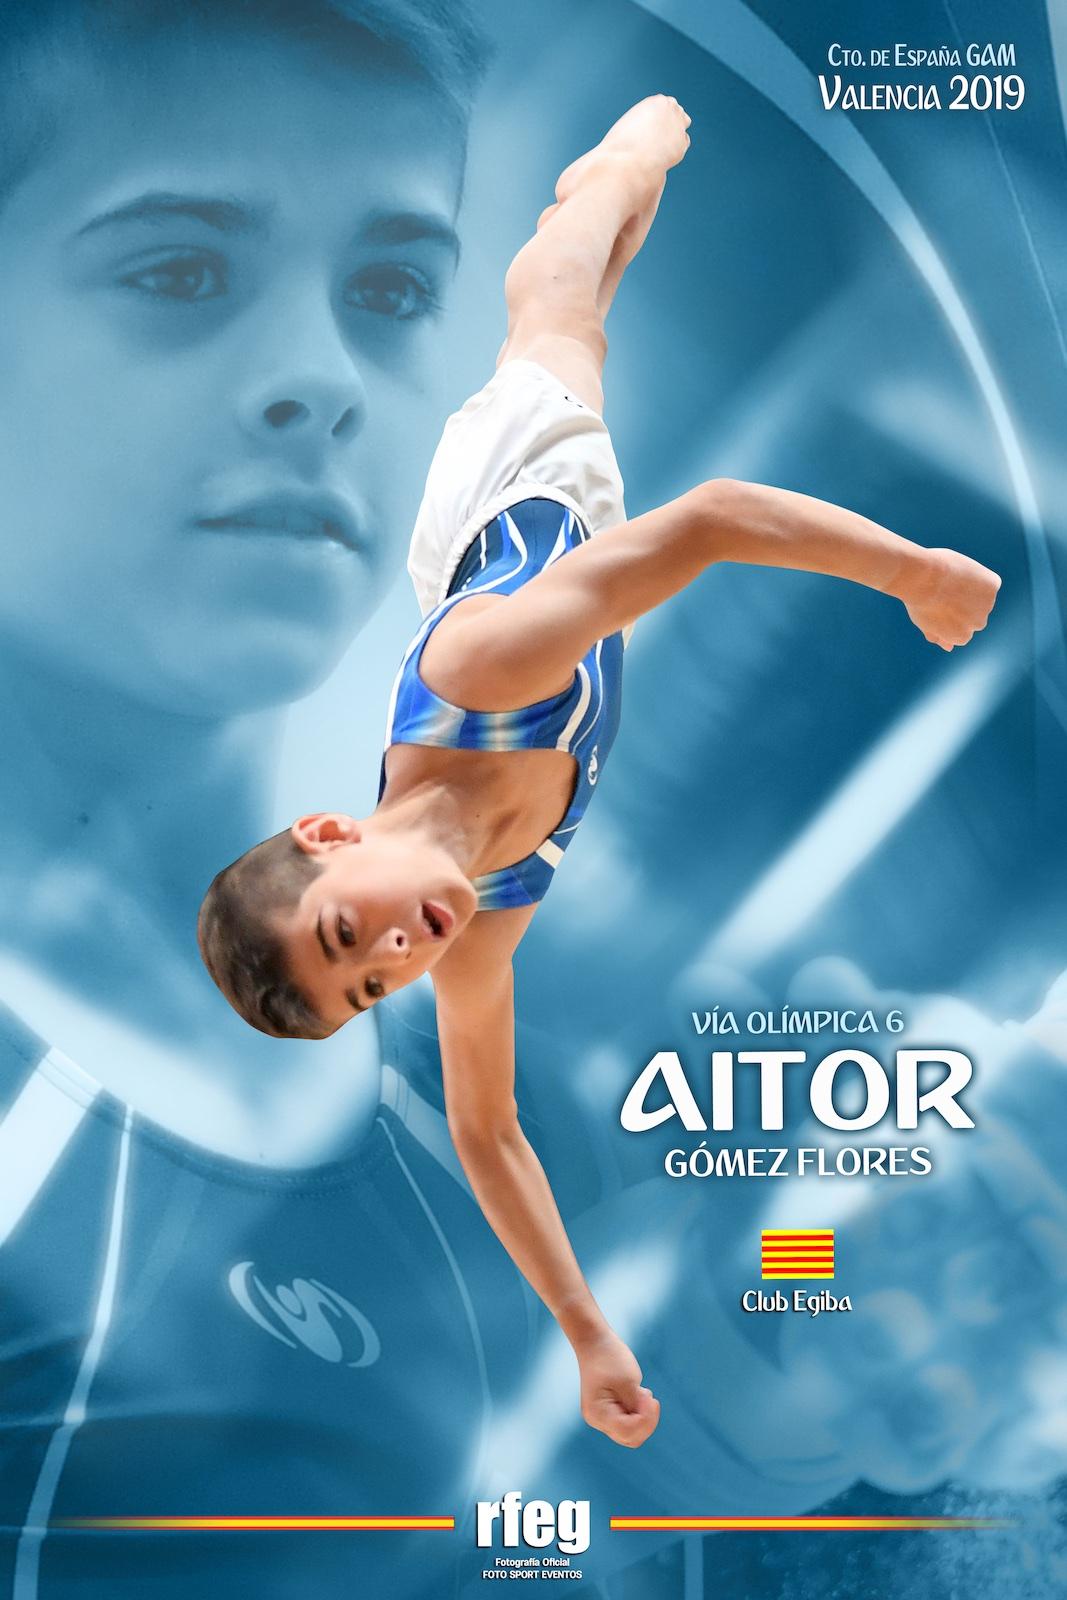 AITOR GOMEZ